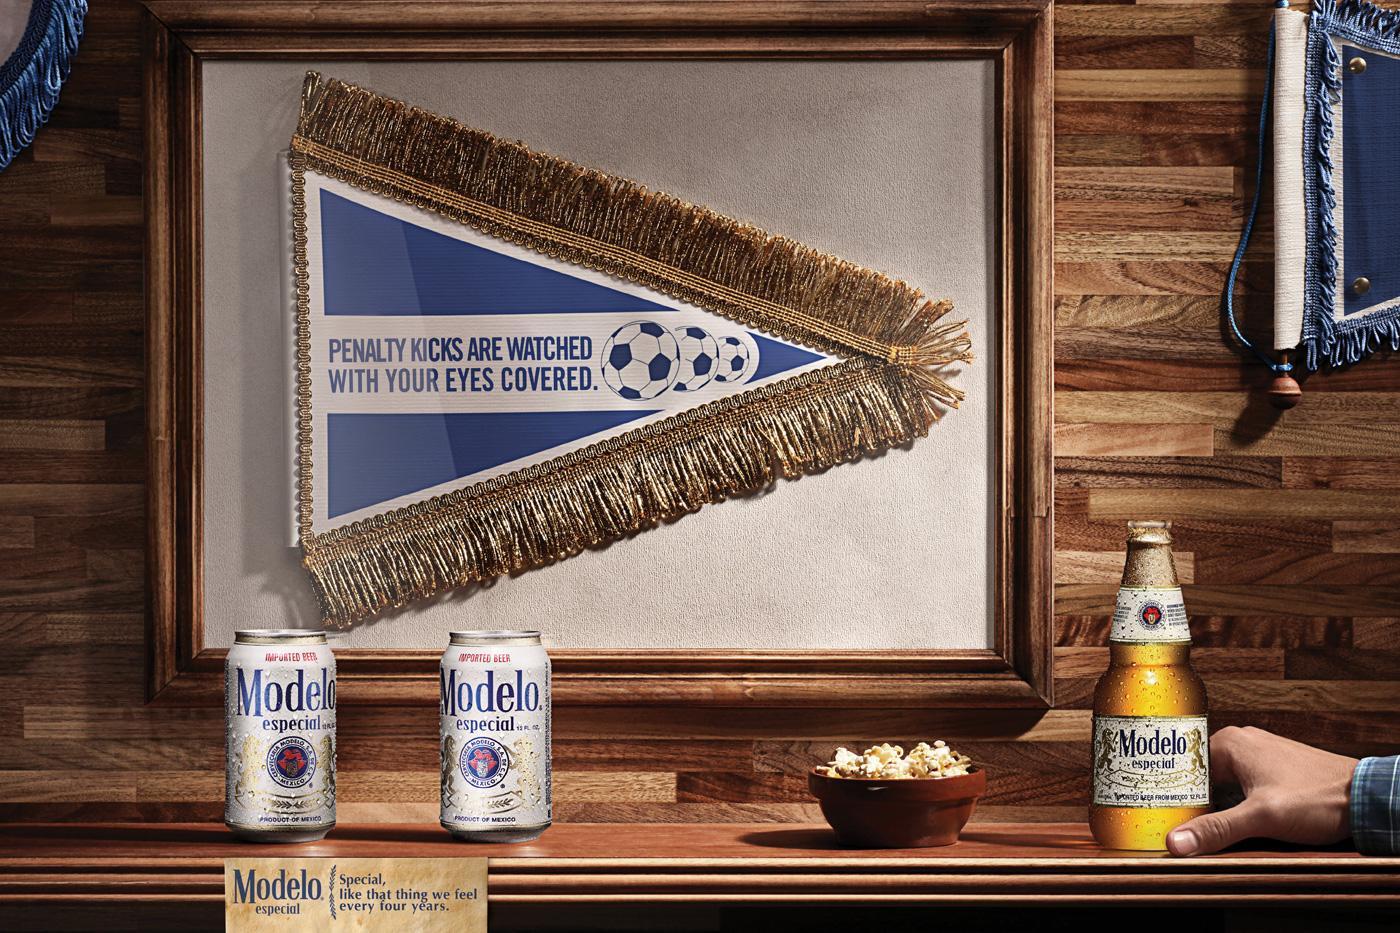 Modelo Especial Print Ad -  Penalty kicks